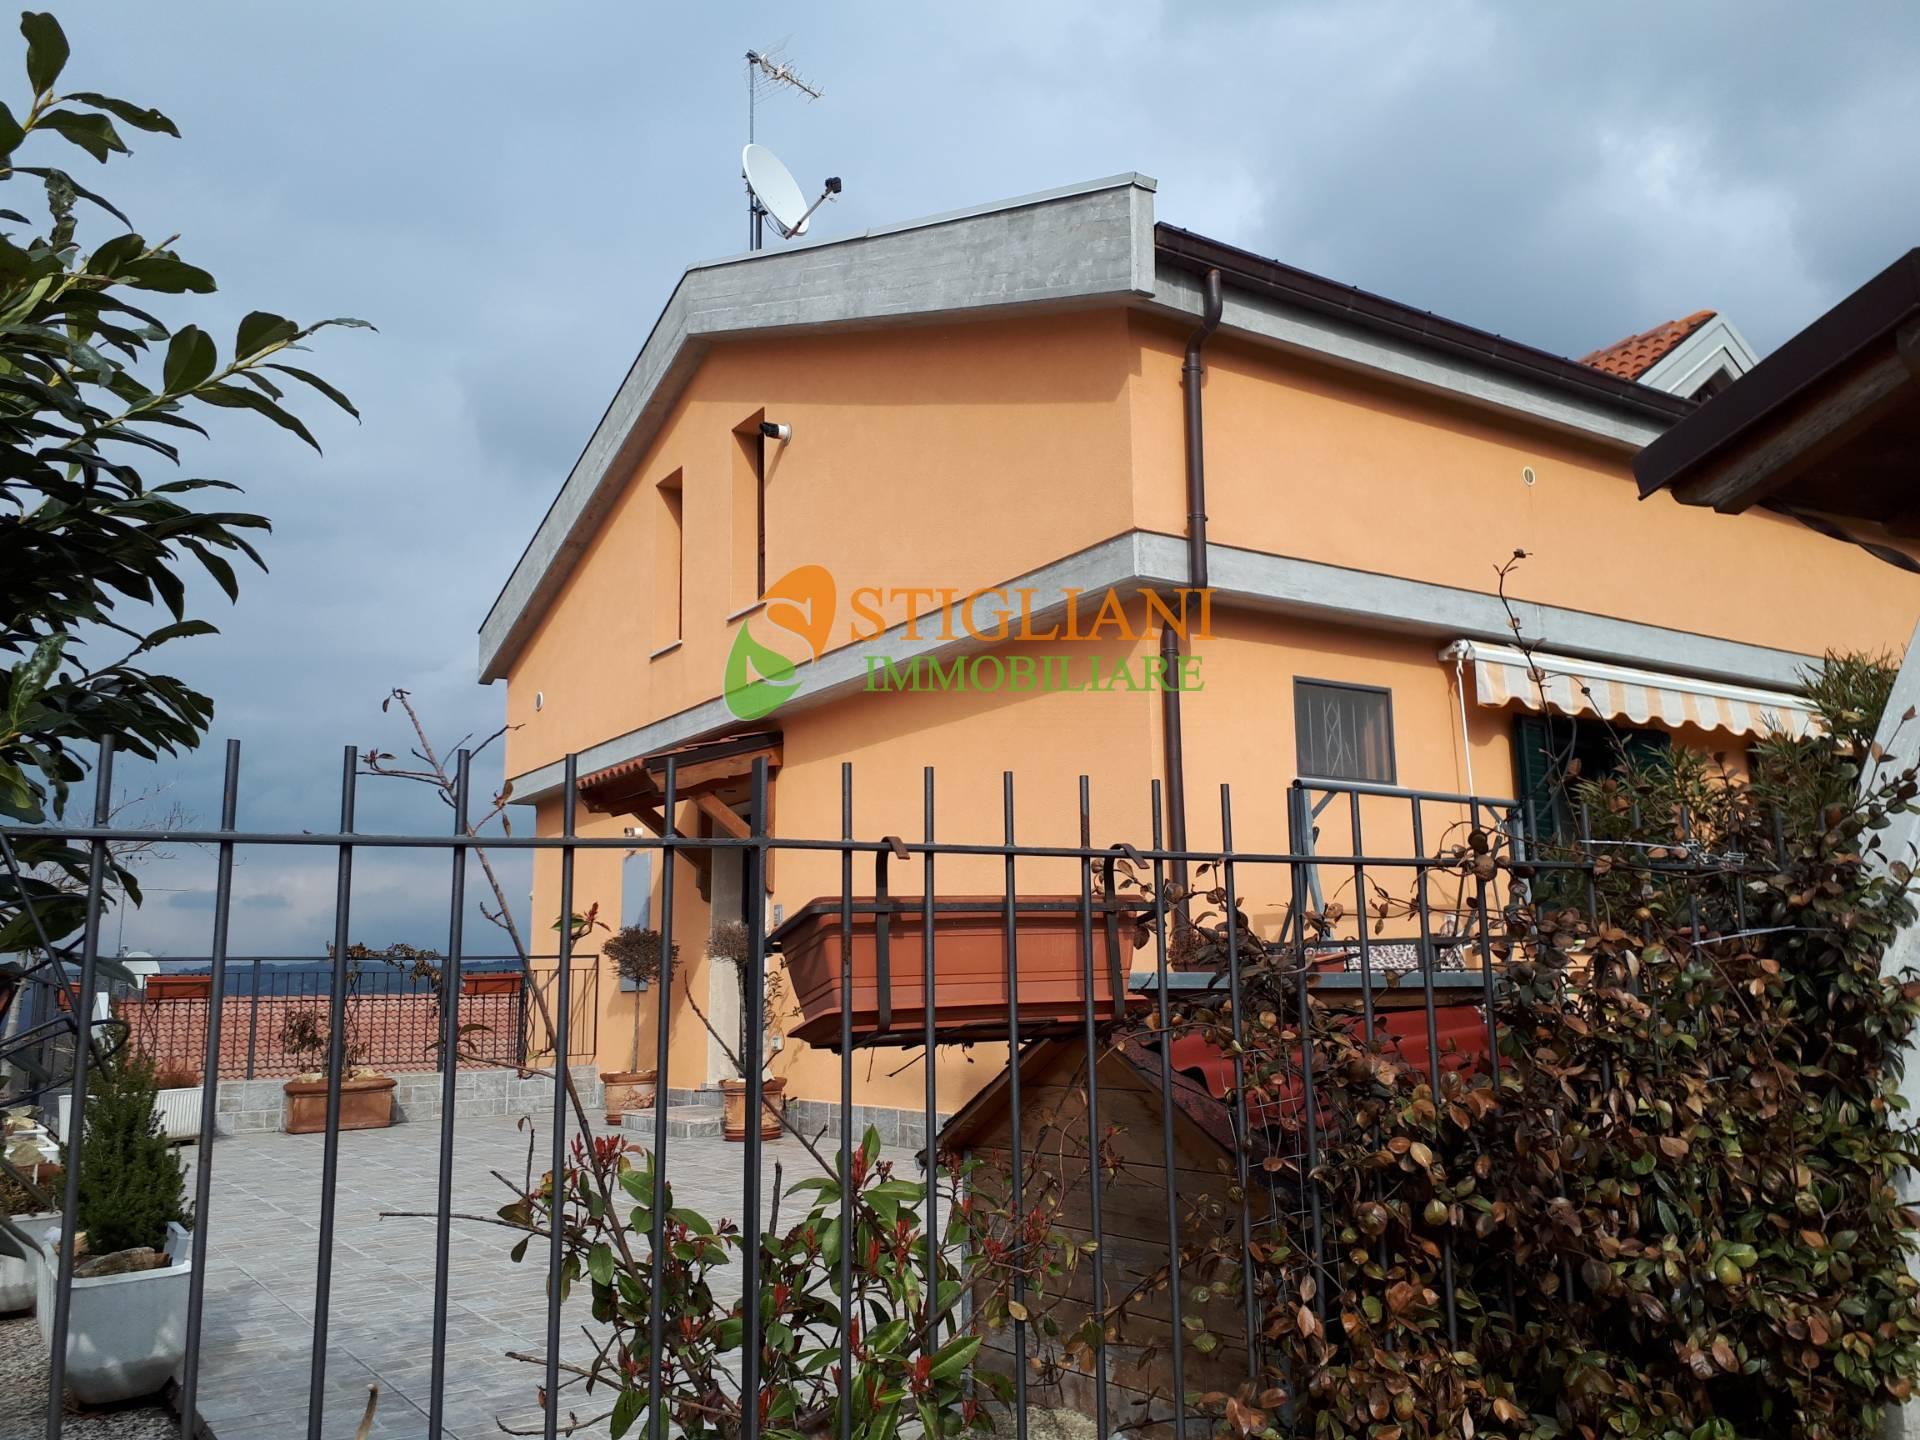 Appartamento in vendita a Ripalimosani, 3 locali, zona Località: ViaRaffaello, prezzo € 155.000 | CambioCasa.it